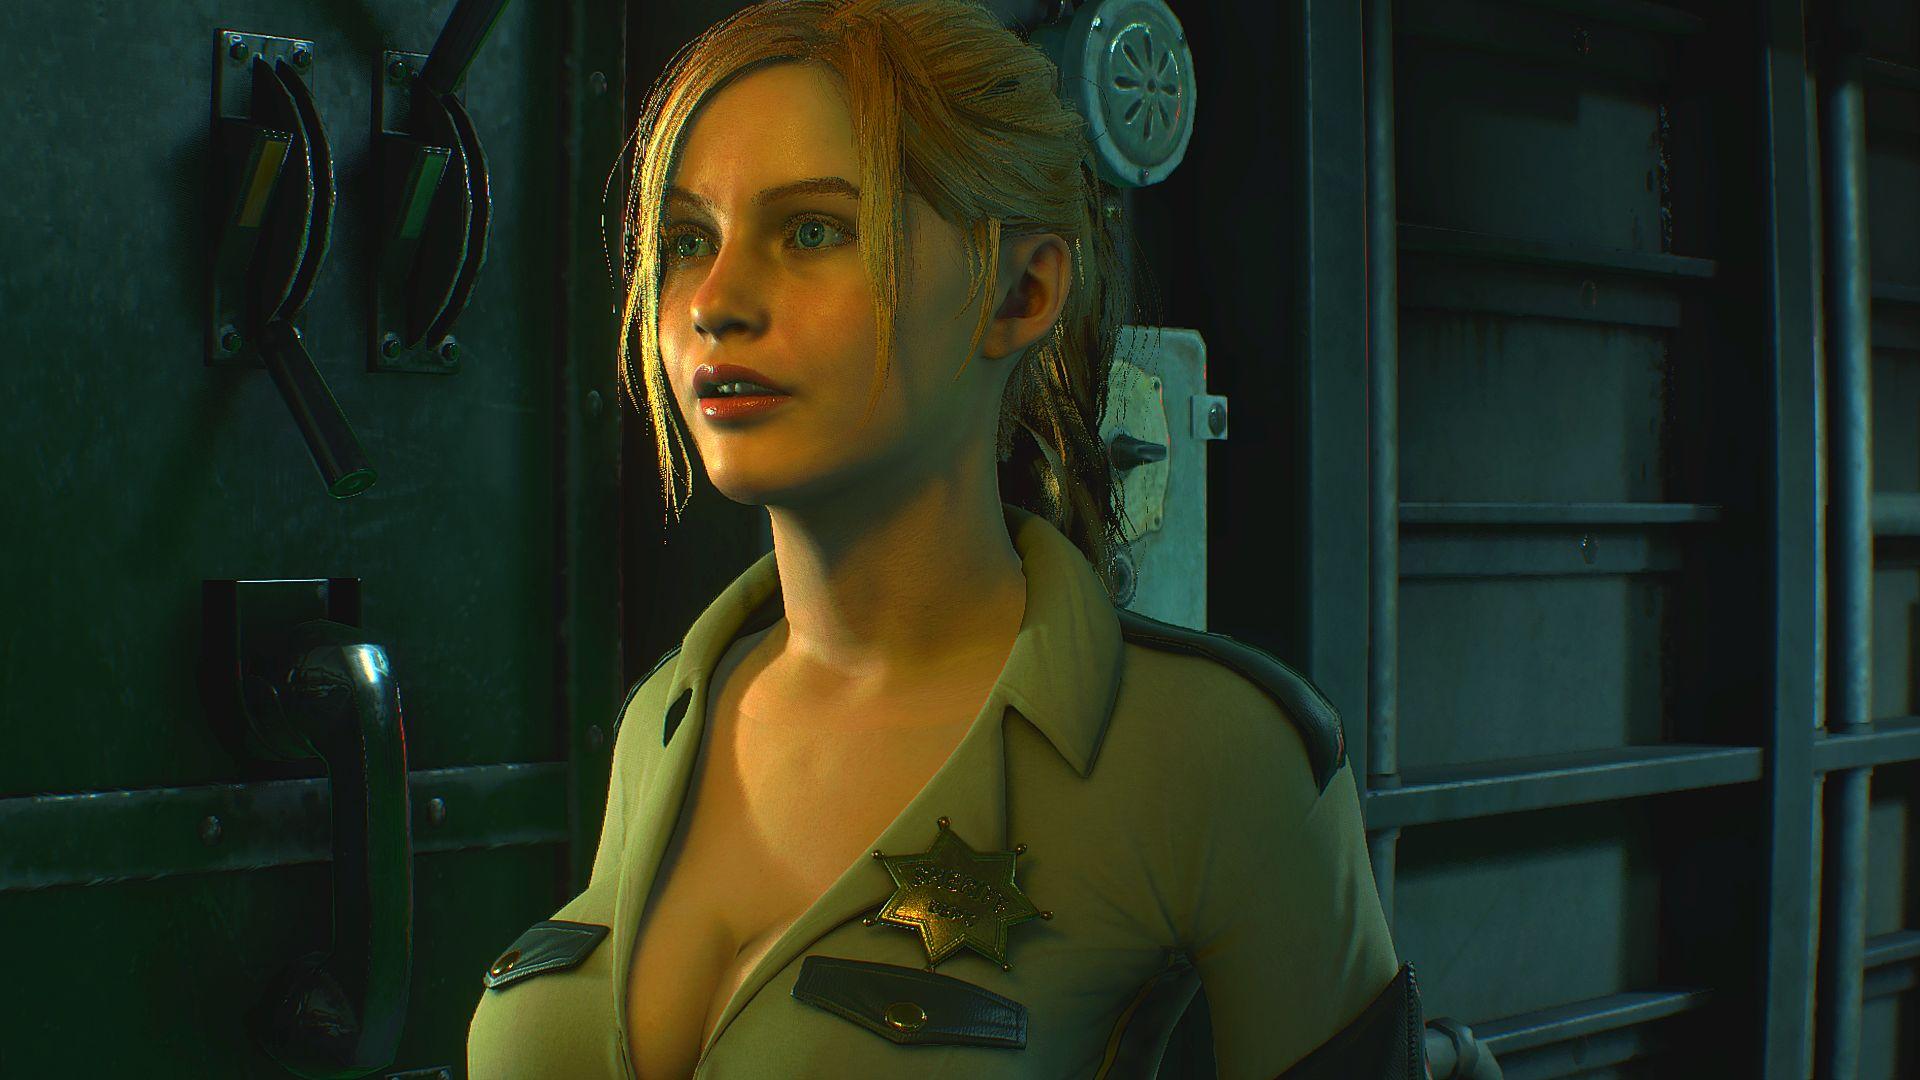 001252.Jpg - Resident Evil 2